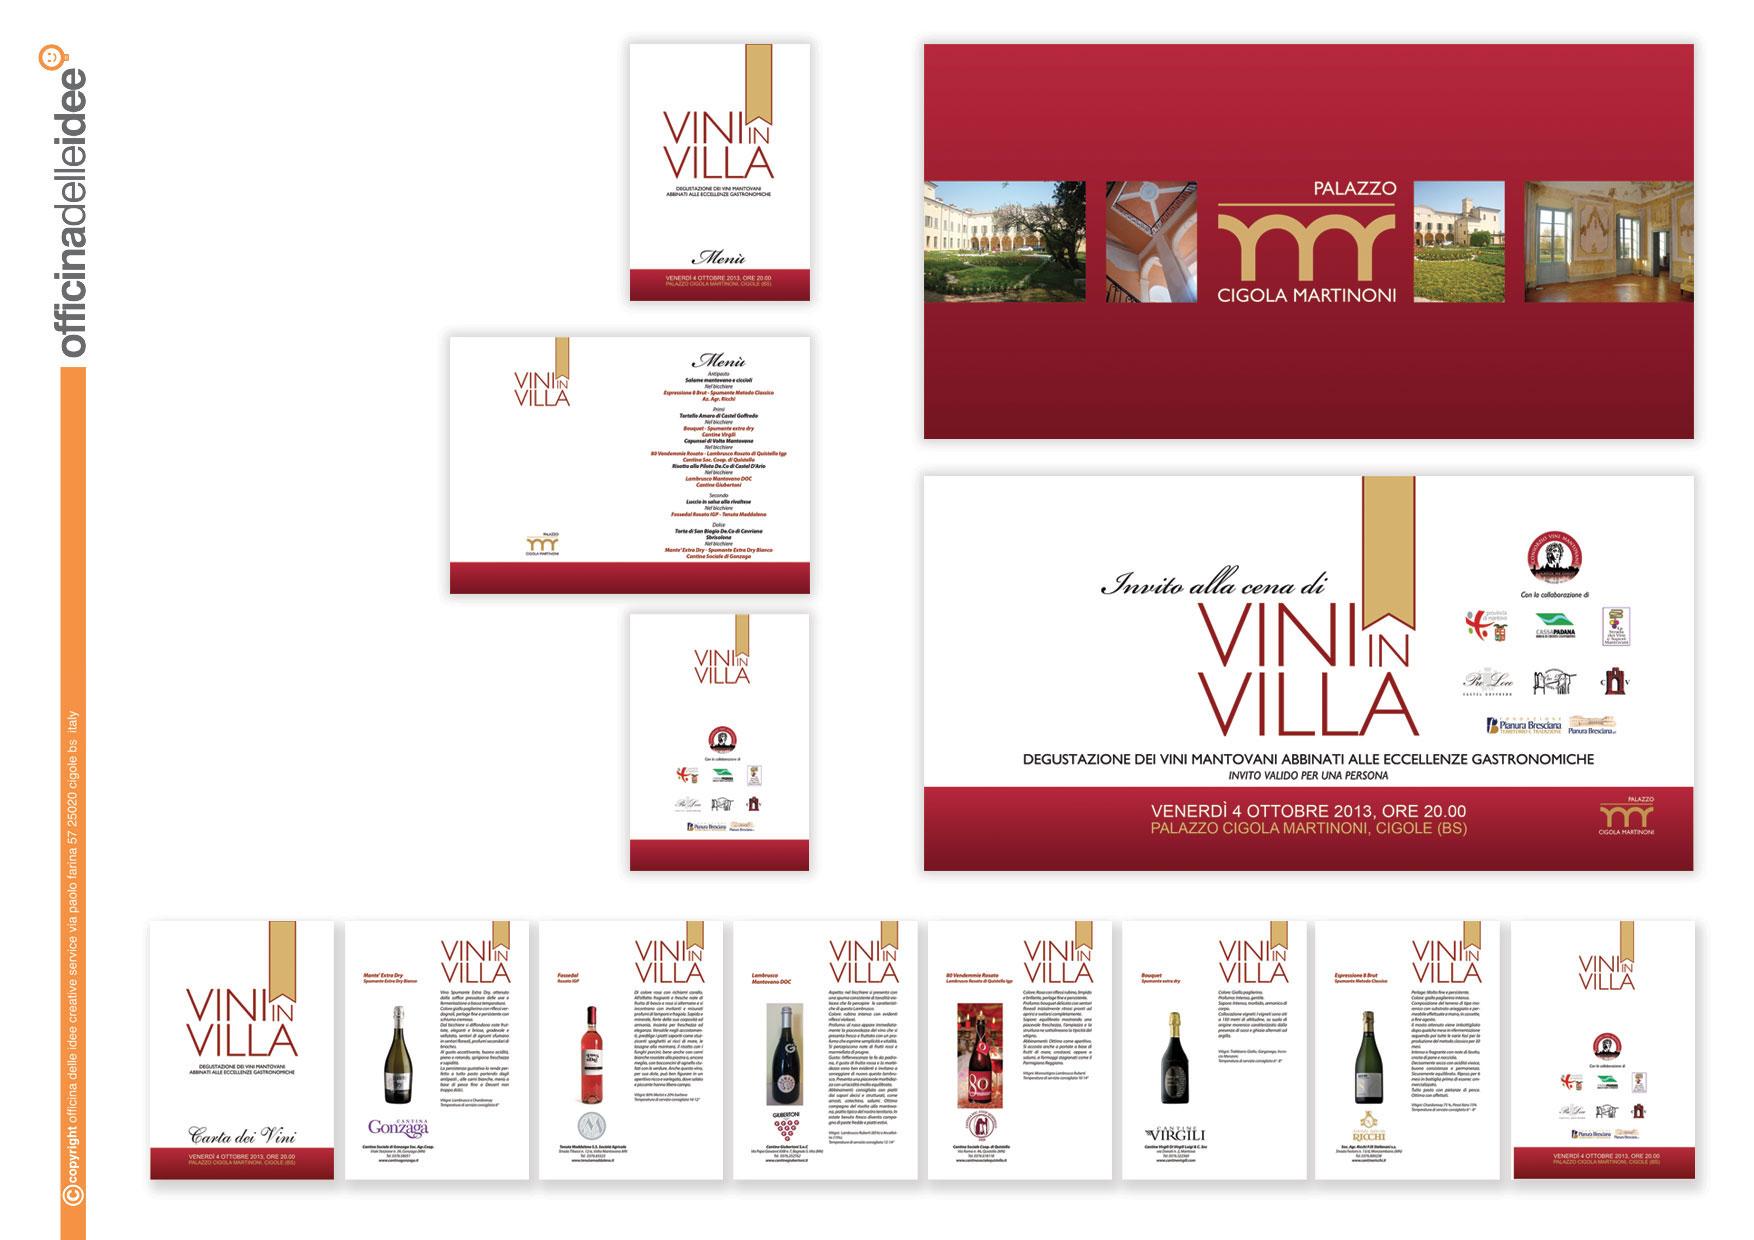 Vini in Villa